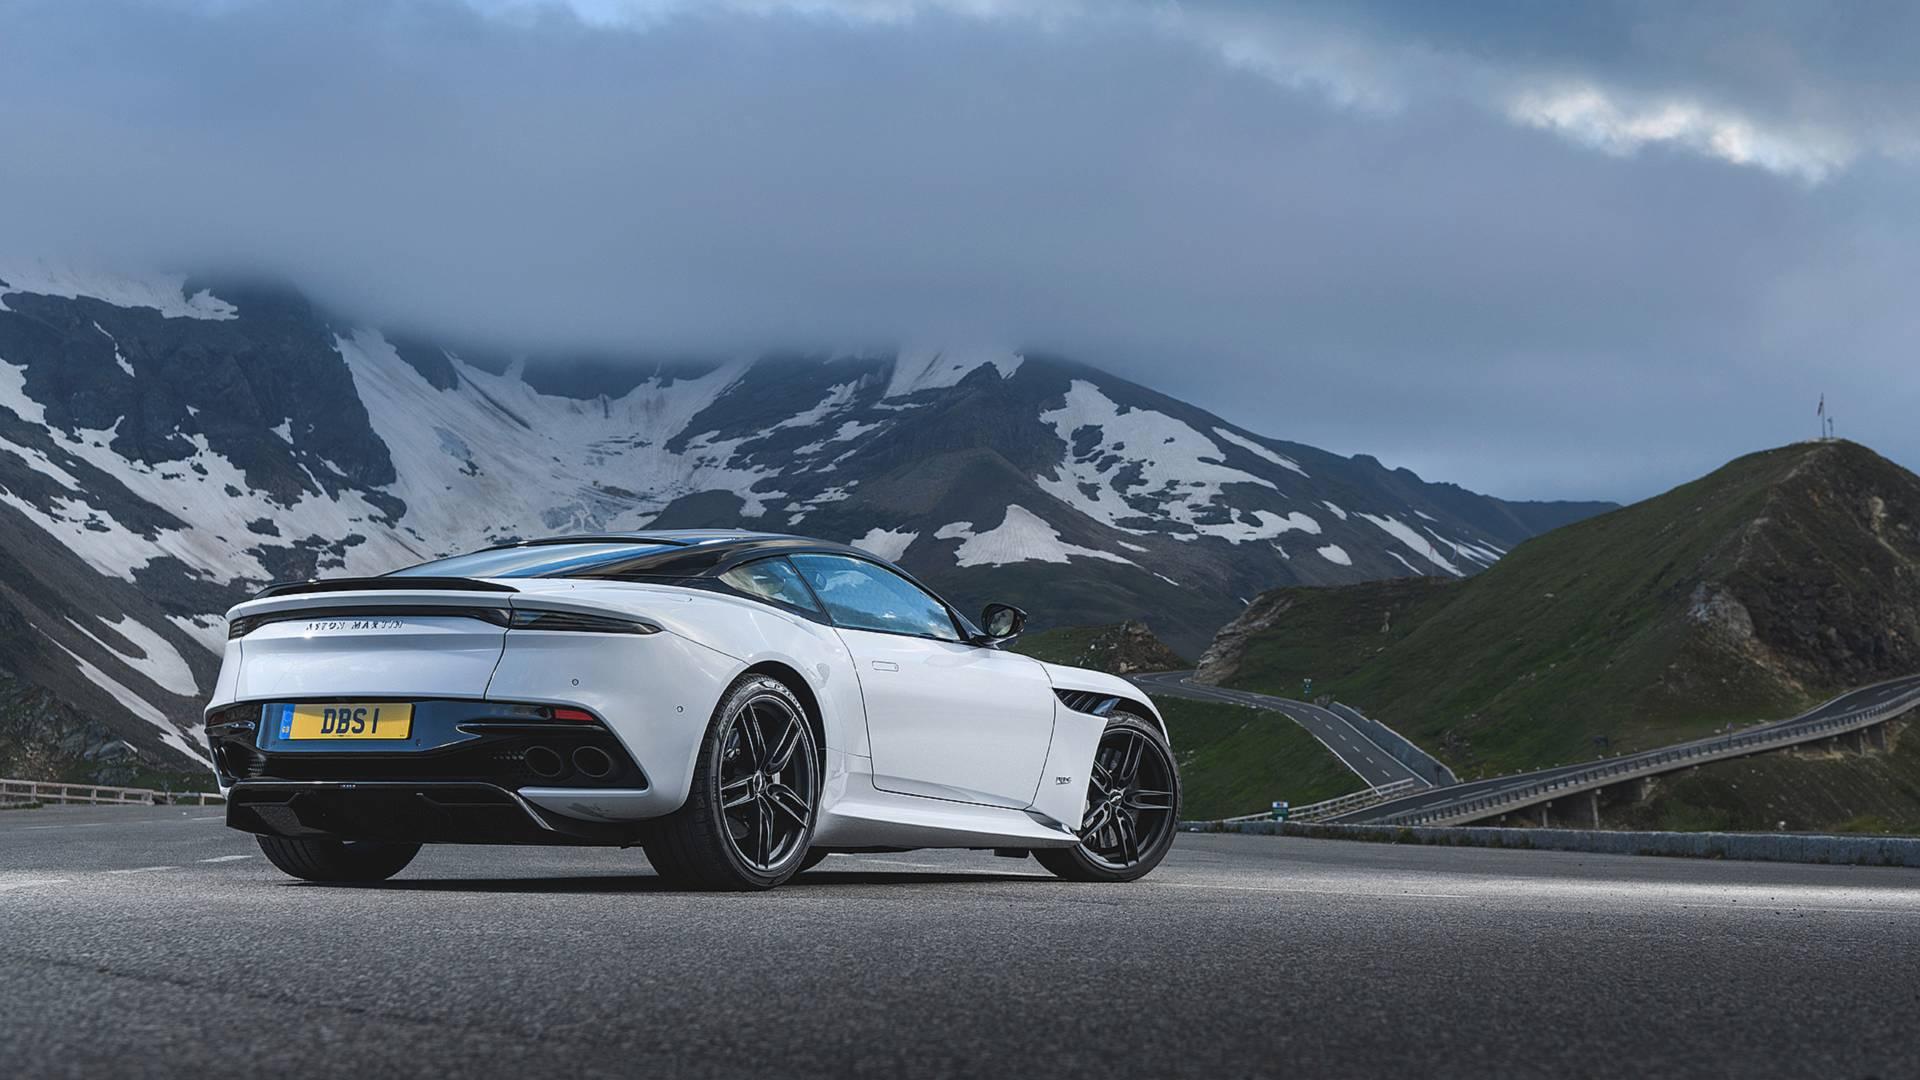 2019 aston martin dbs superleggera first drive: what's in a name?